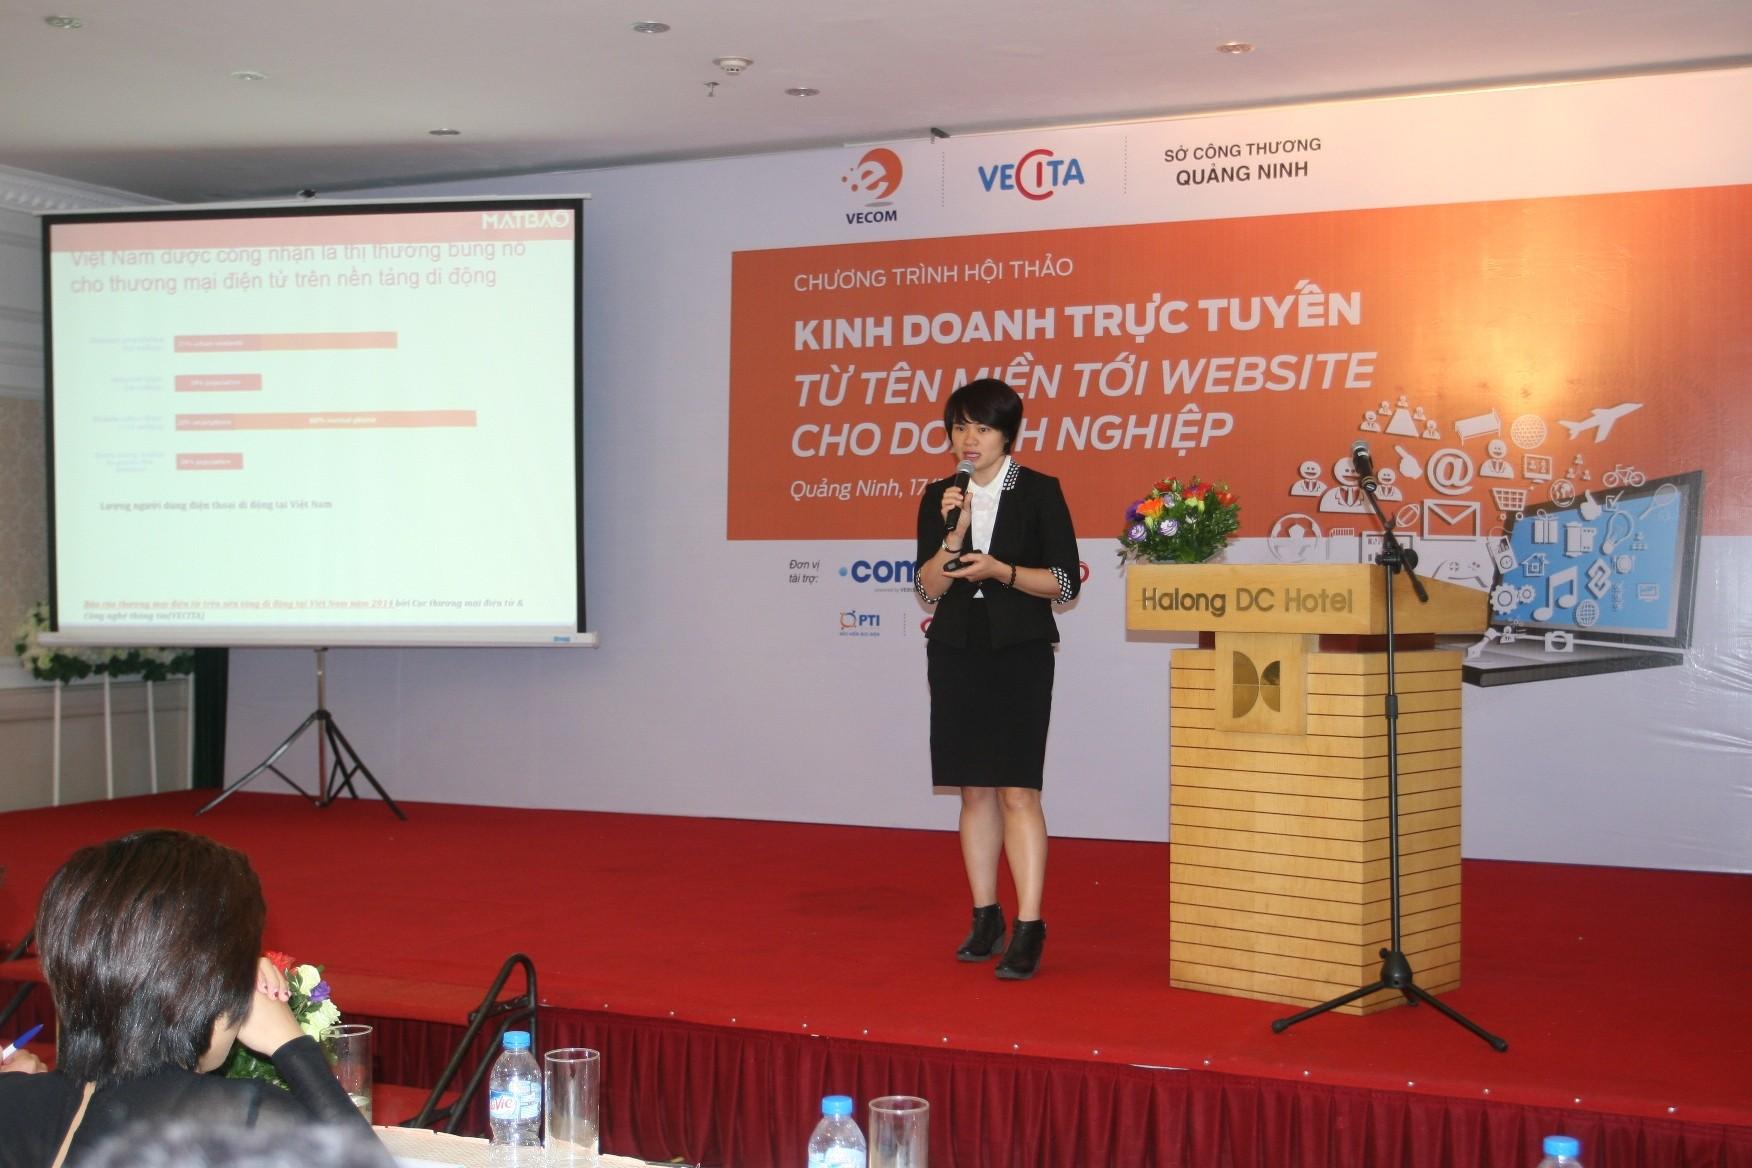 Ba Luong Thi Thanh Huong GD Dieu hanh CT CP Mat Bao Mien Bac - Chớp thời cơ nhờ tham gia thương mại điện tử trên nền tảng di động